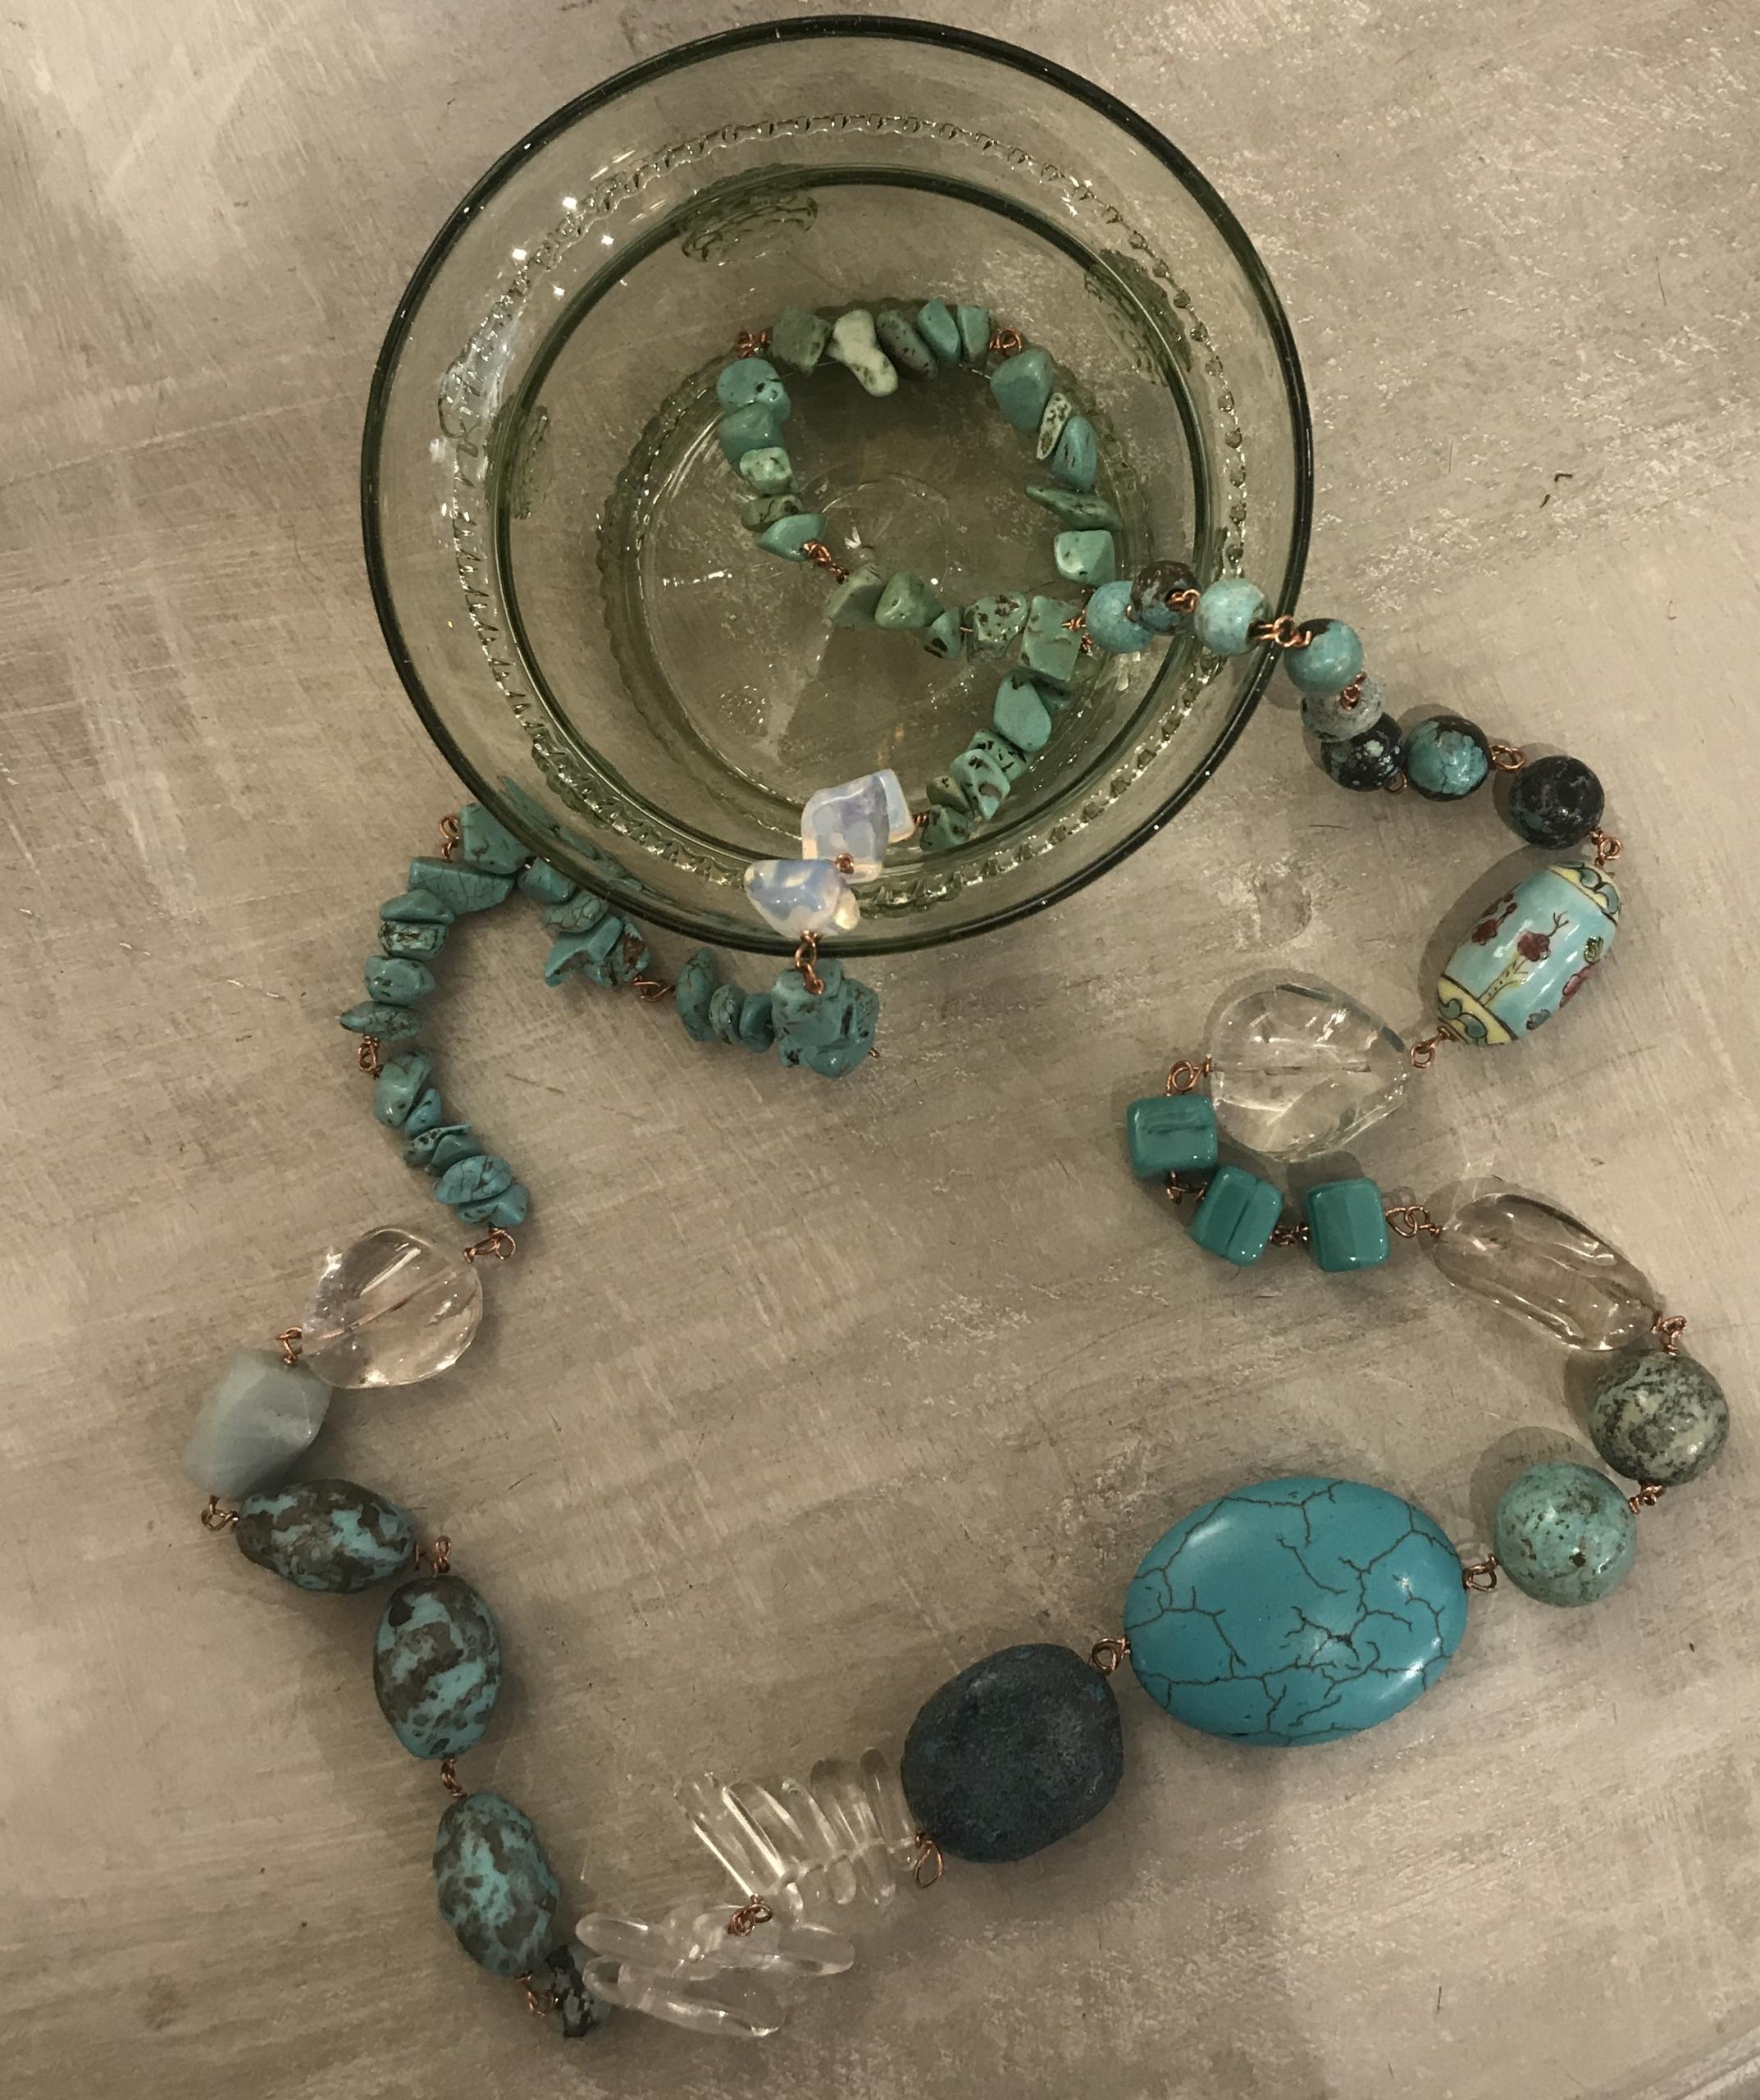 Collana concatenata con pietre varie, ceramiche e cristalli